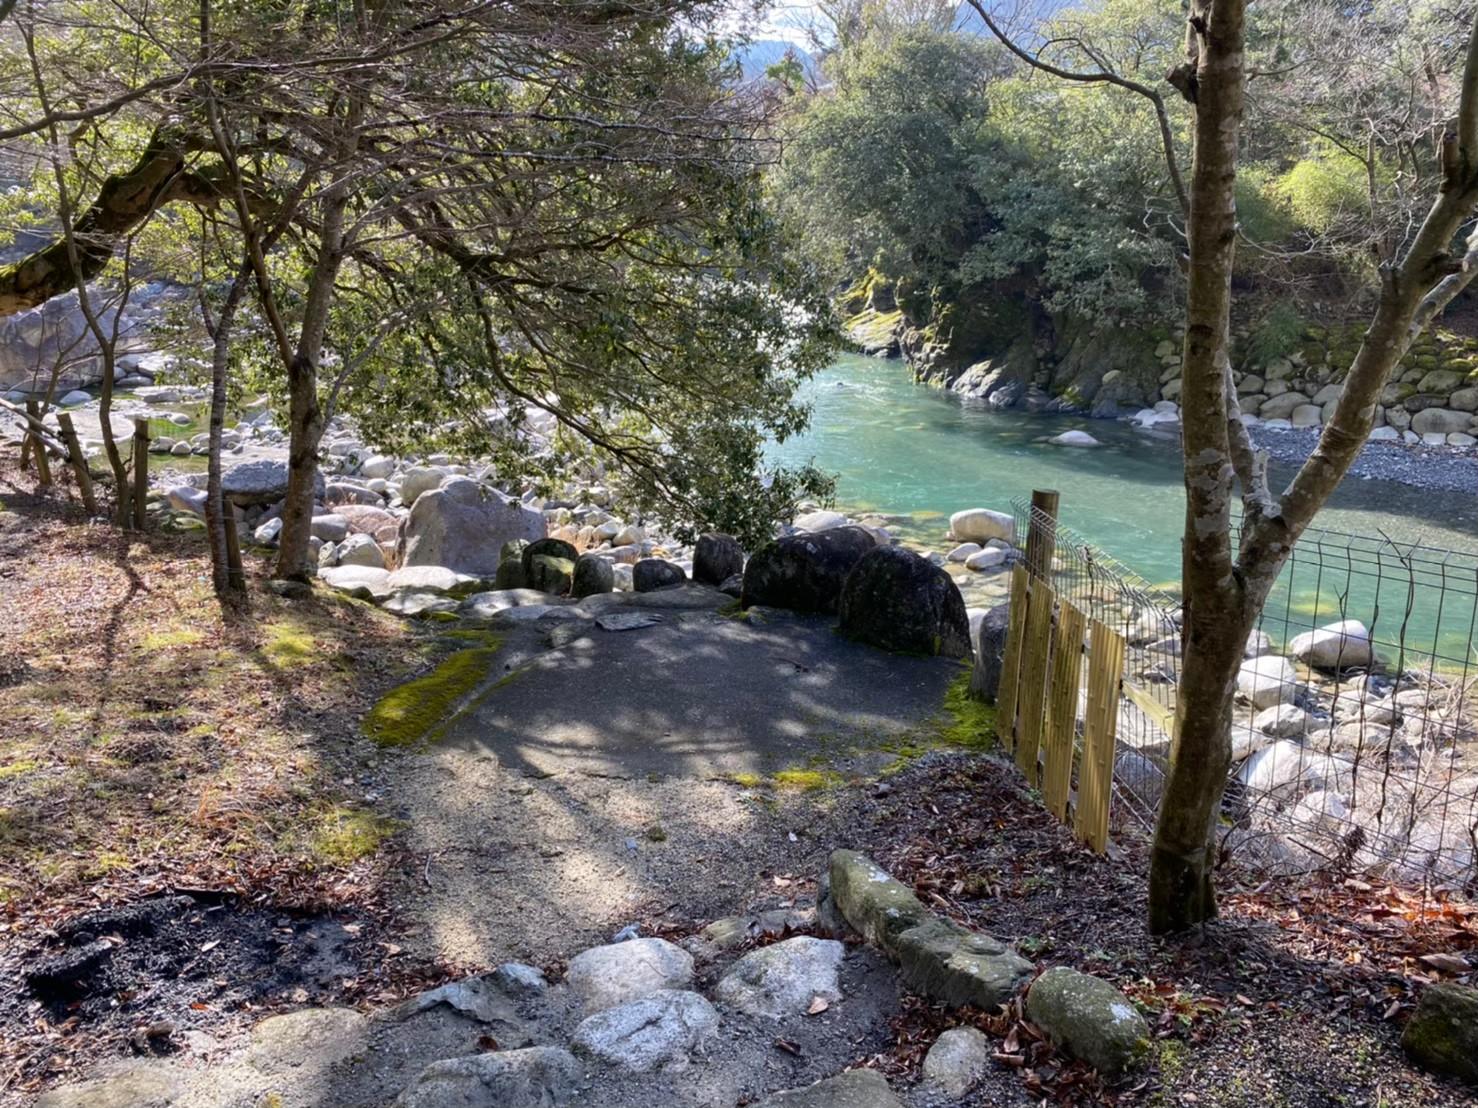 【清流と豊かな自然|東近江市】『深山キャンプ場』攻略ガイド(駐車場・トイレ)